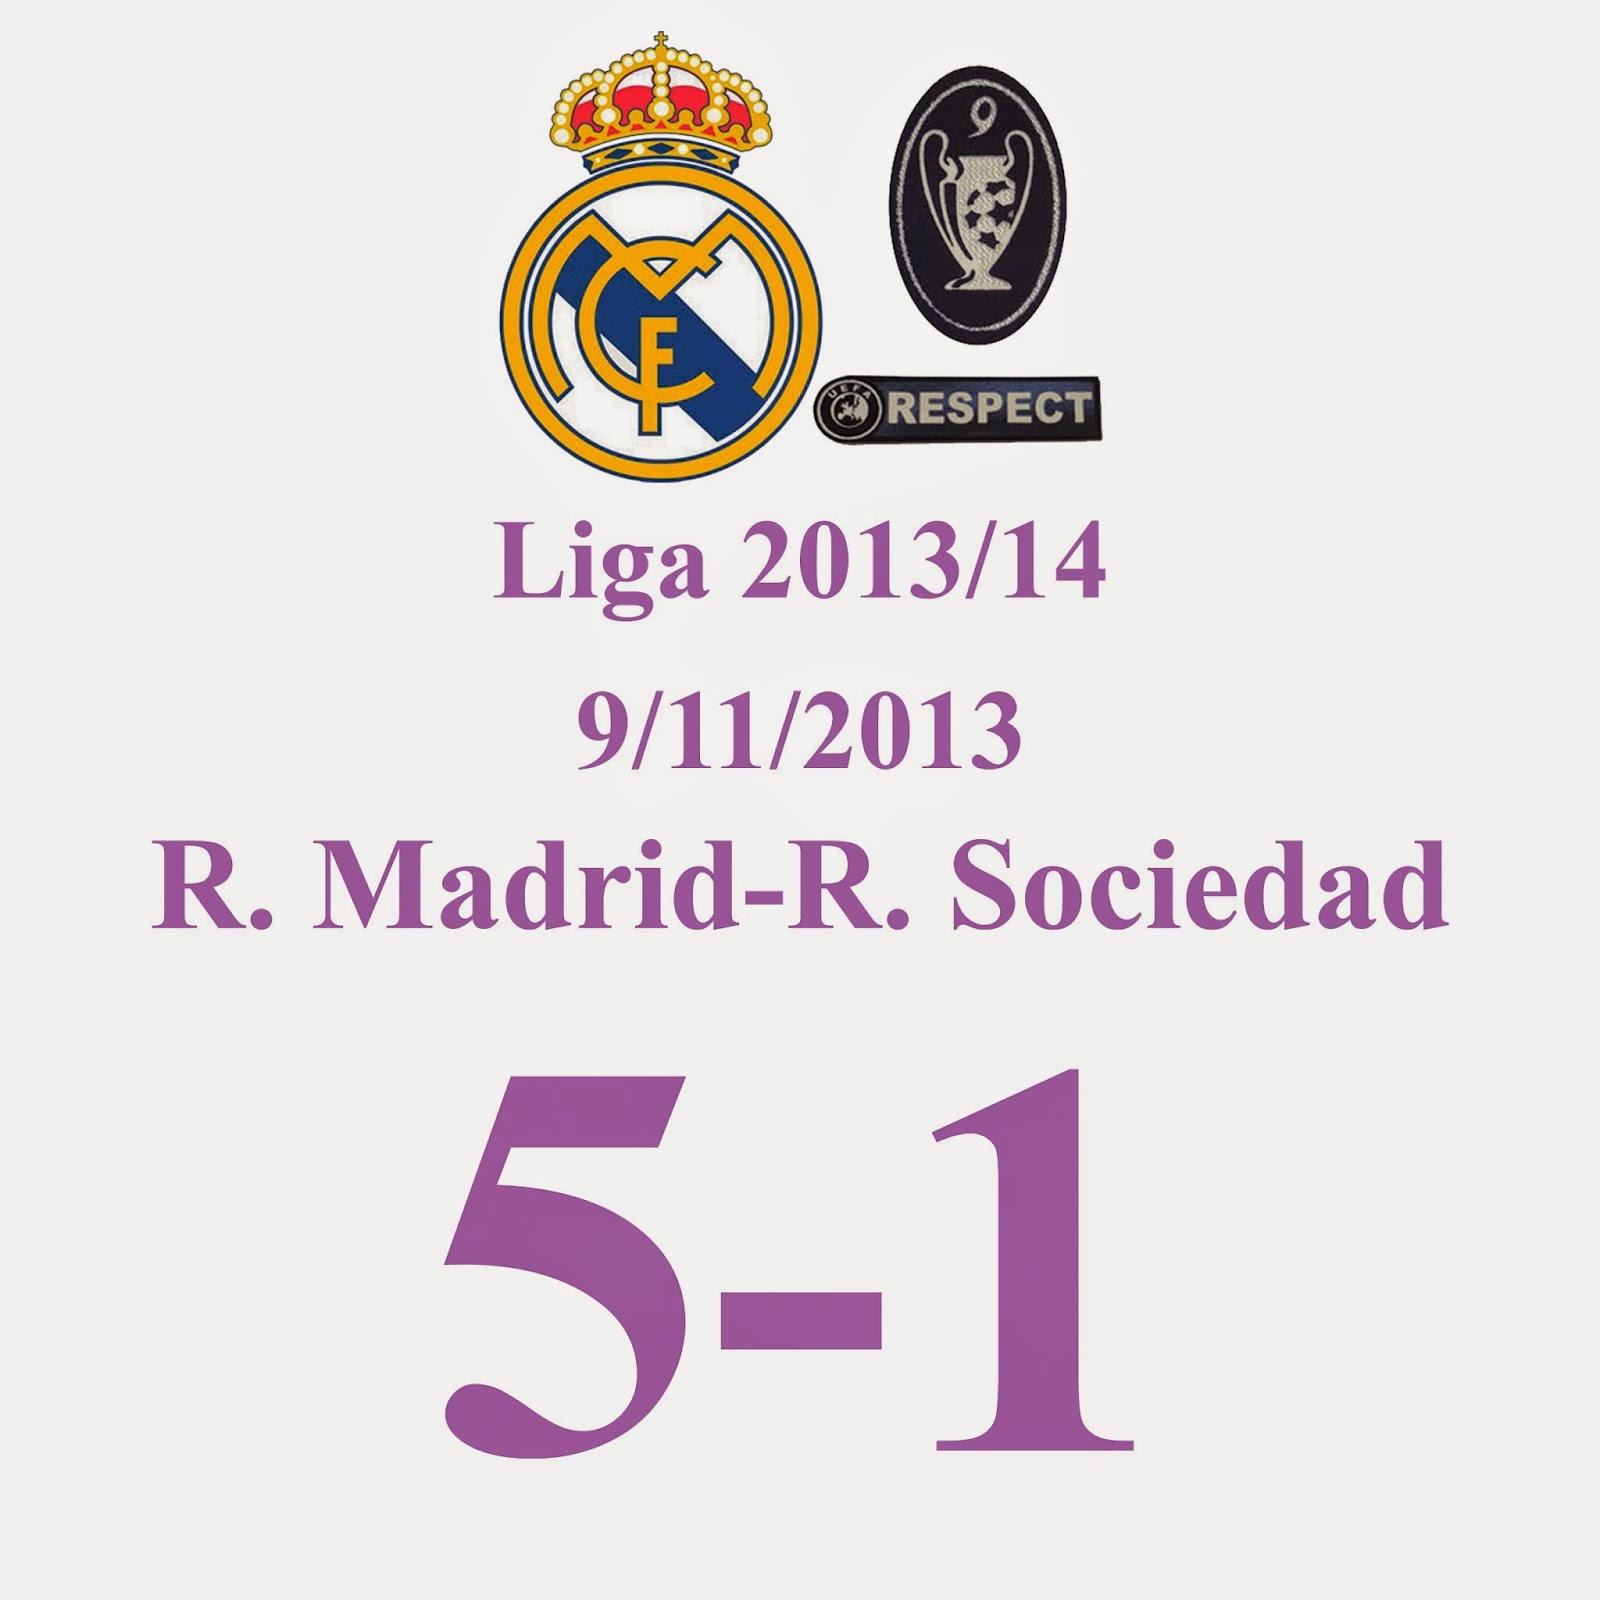 Real Madrid 5 - 1 Real Sociedad - (Jornada 13) 9/11/2013 - Nuevo Hat-Trick de C. Ronaldo